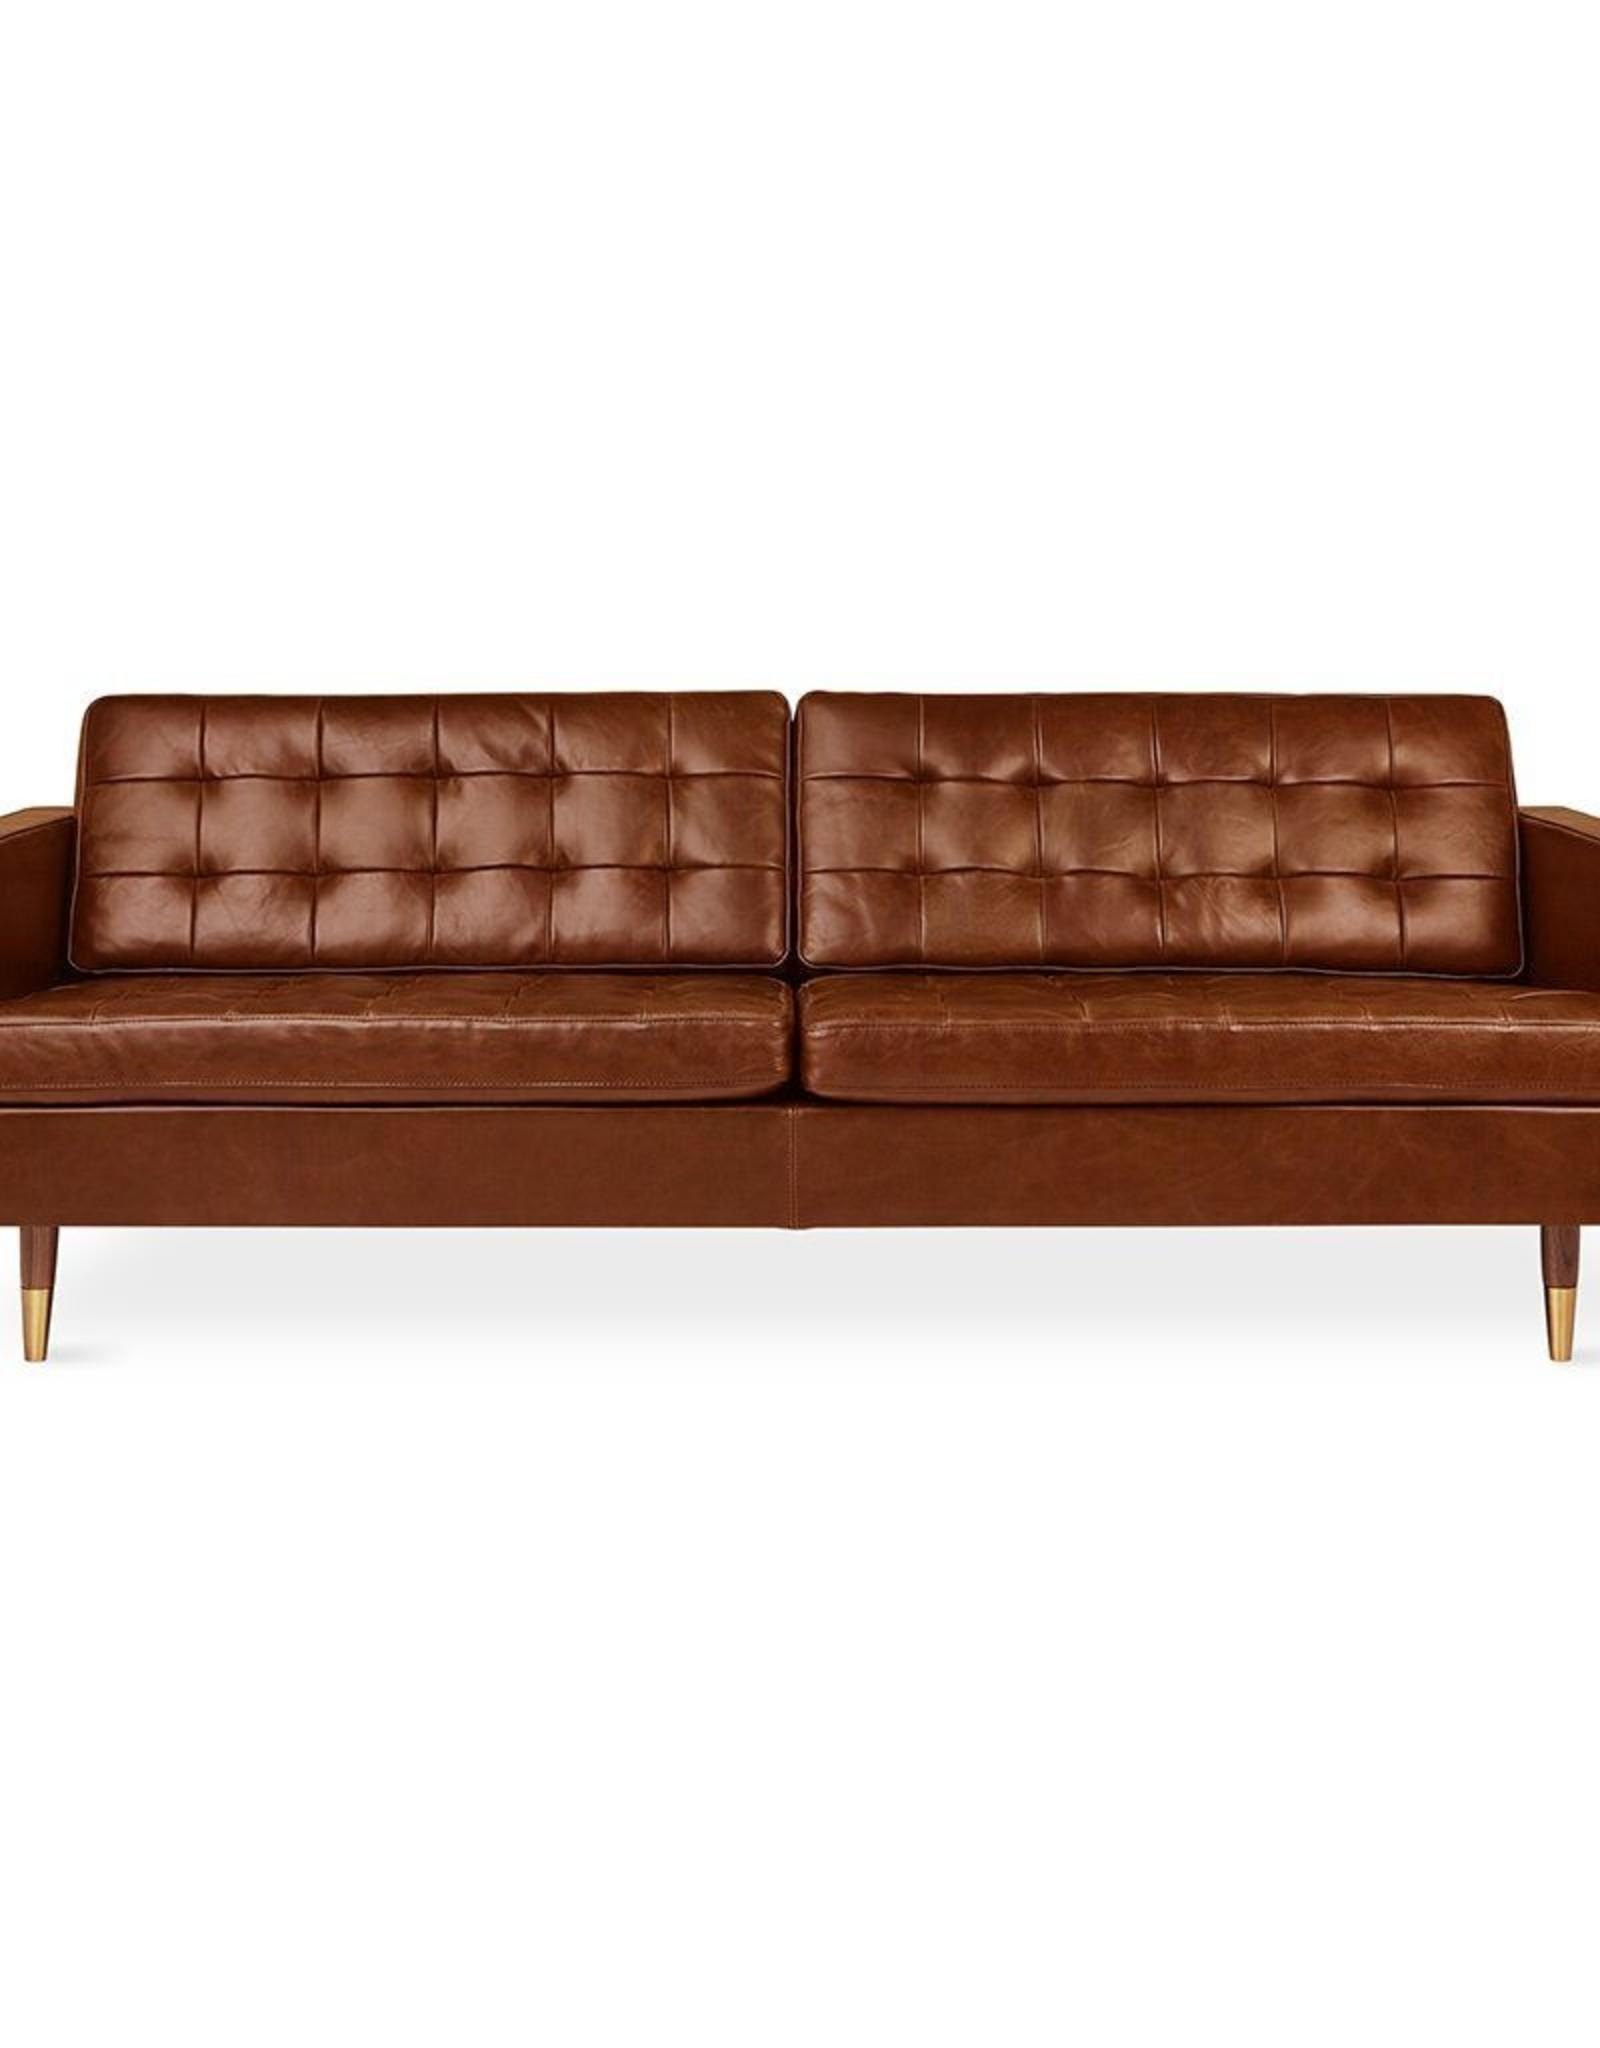 Gus* Modern Archer Sofa